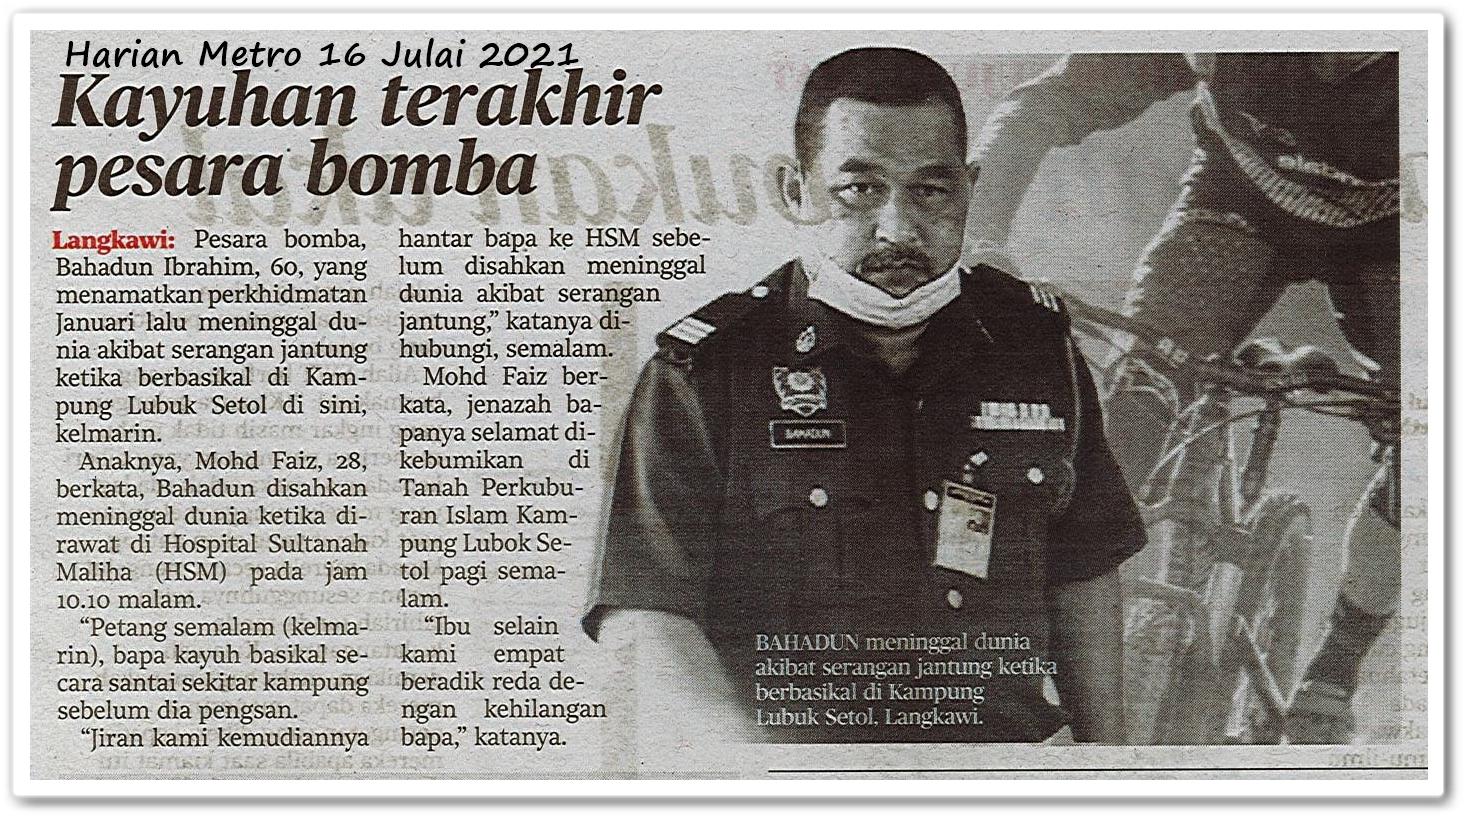 Kayuhan terakhir pesara bomba - Keratan akhbar Harian Metro 16 Julai 2021